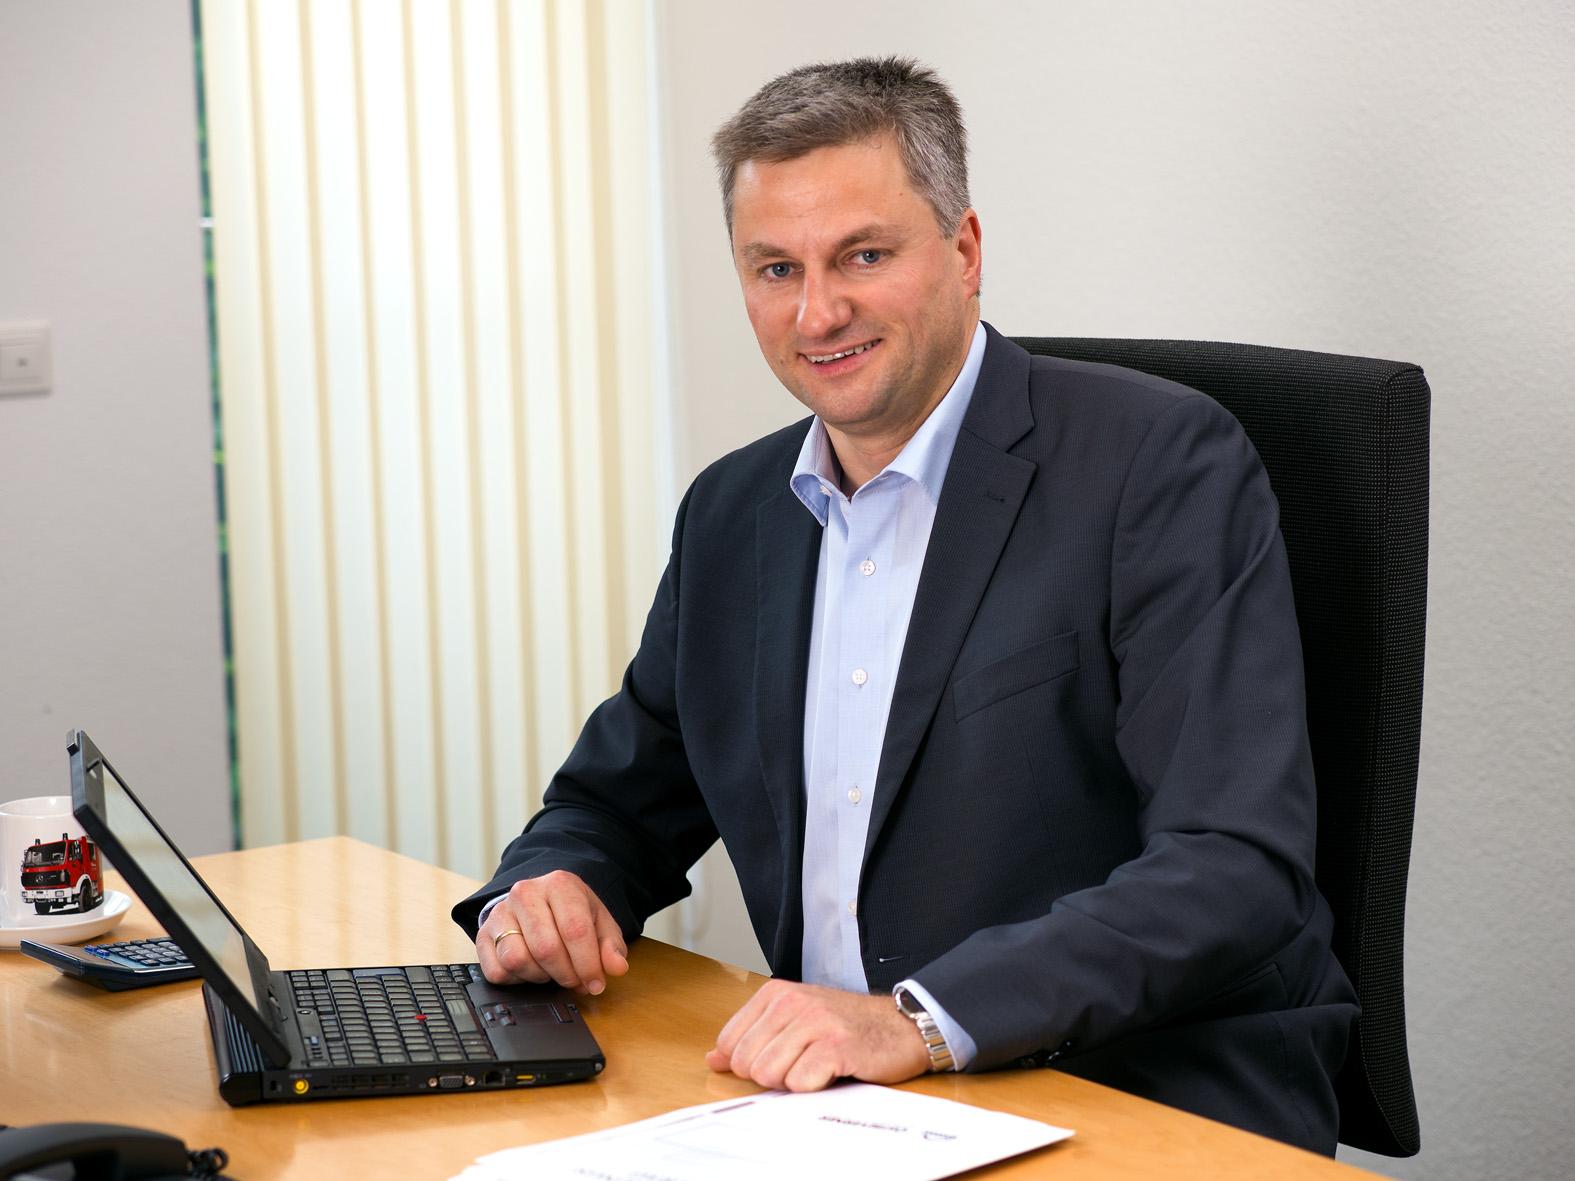 Rainer Kuhlage